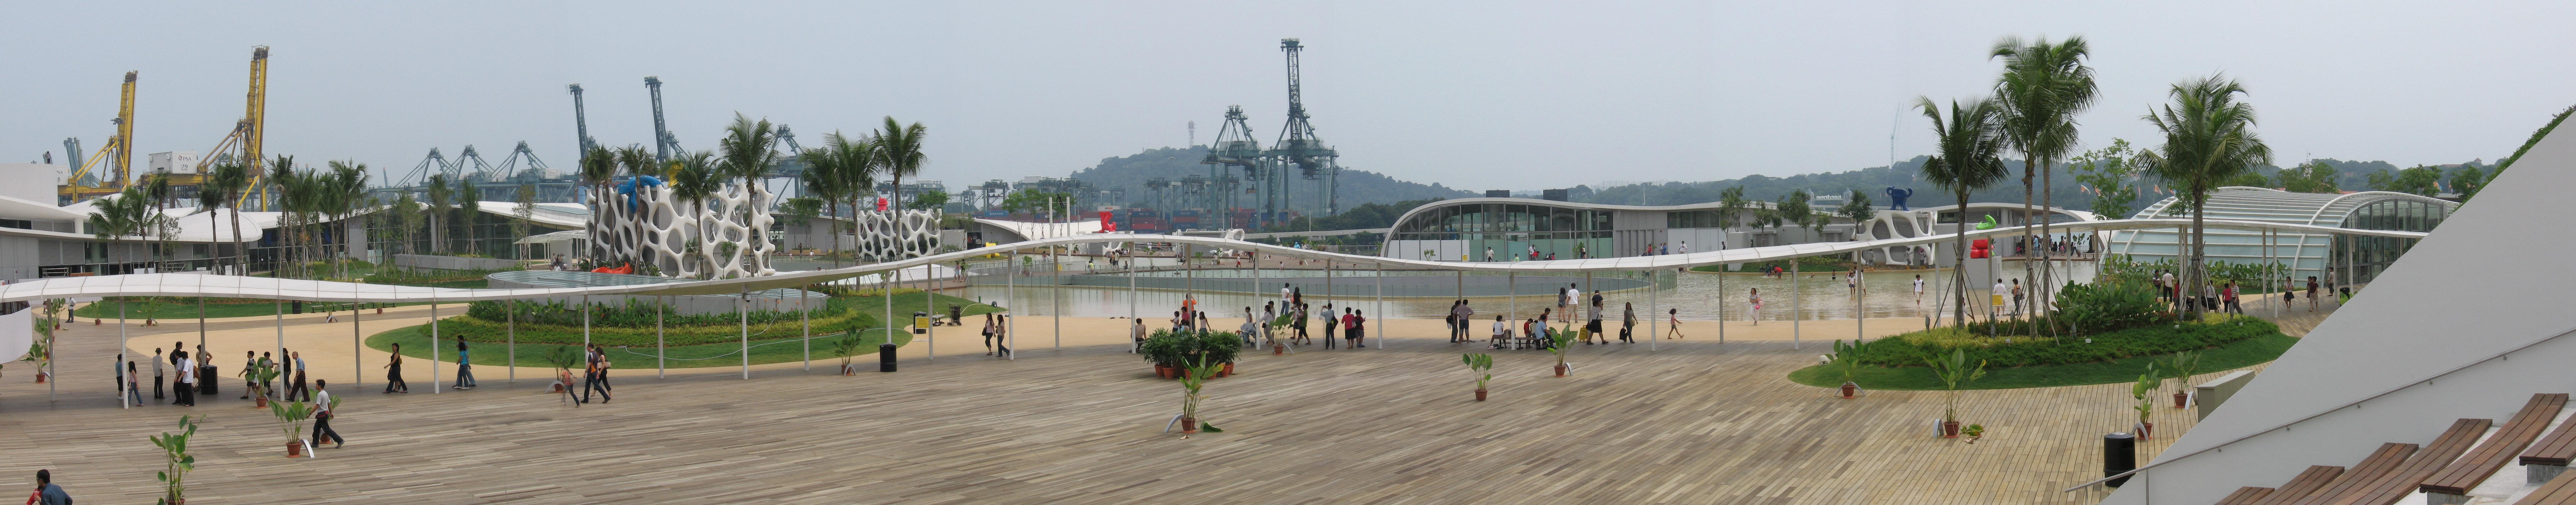 Harbourfront Interchange Car Park